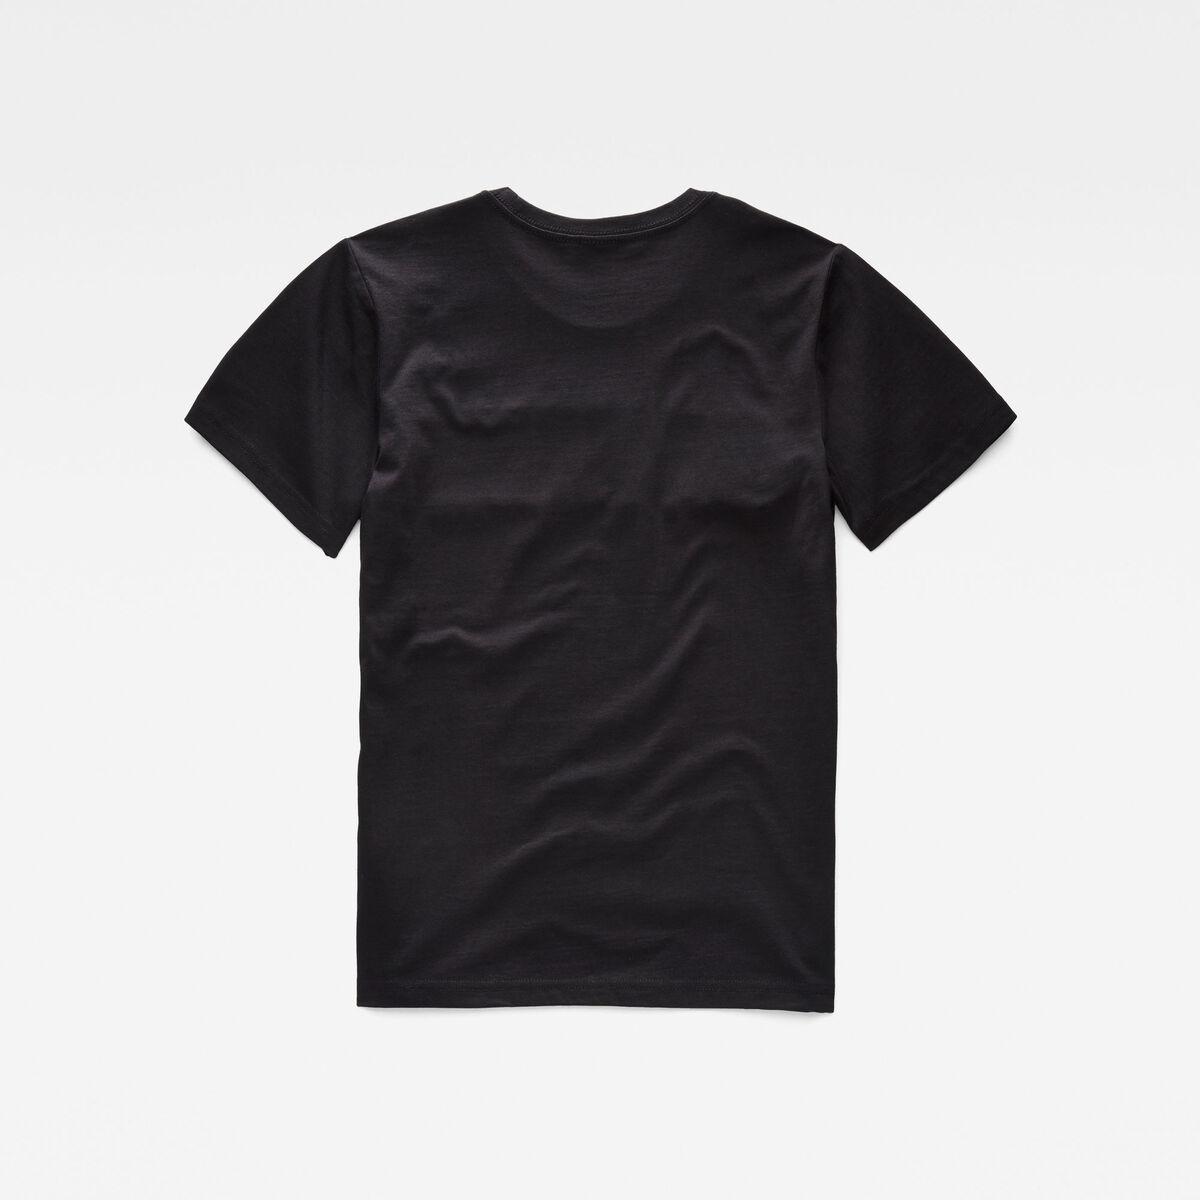 Bild 2 von T-Shirt